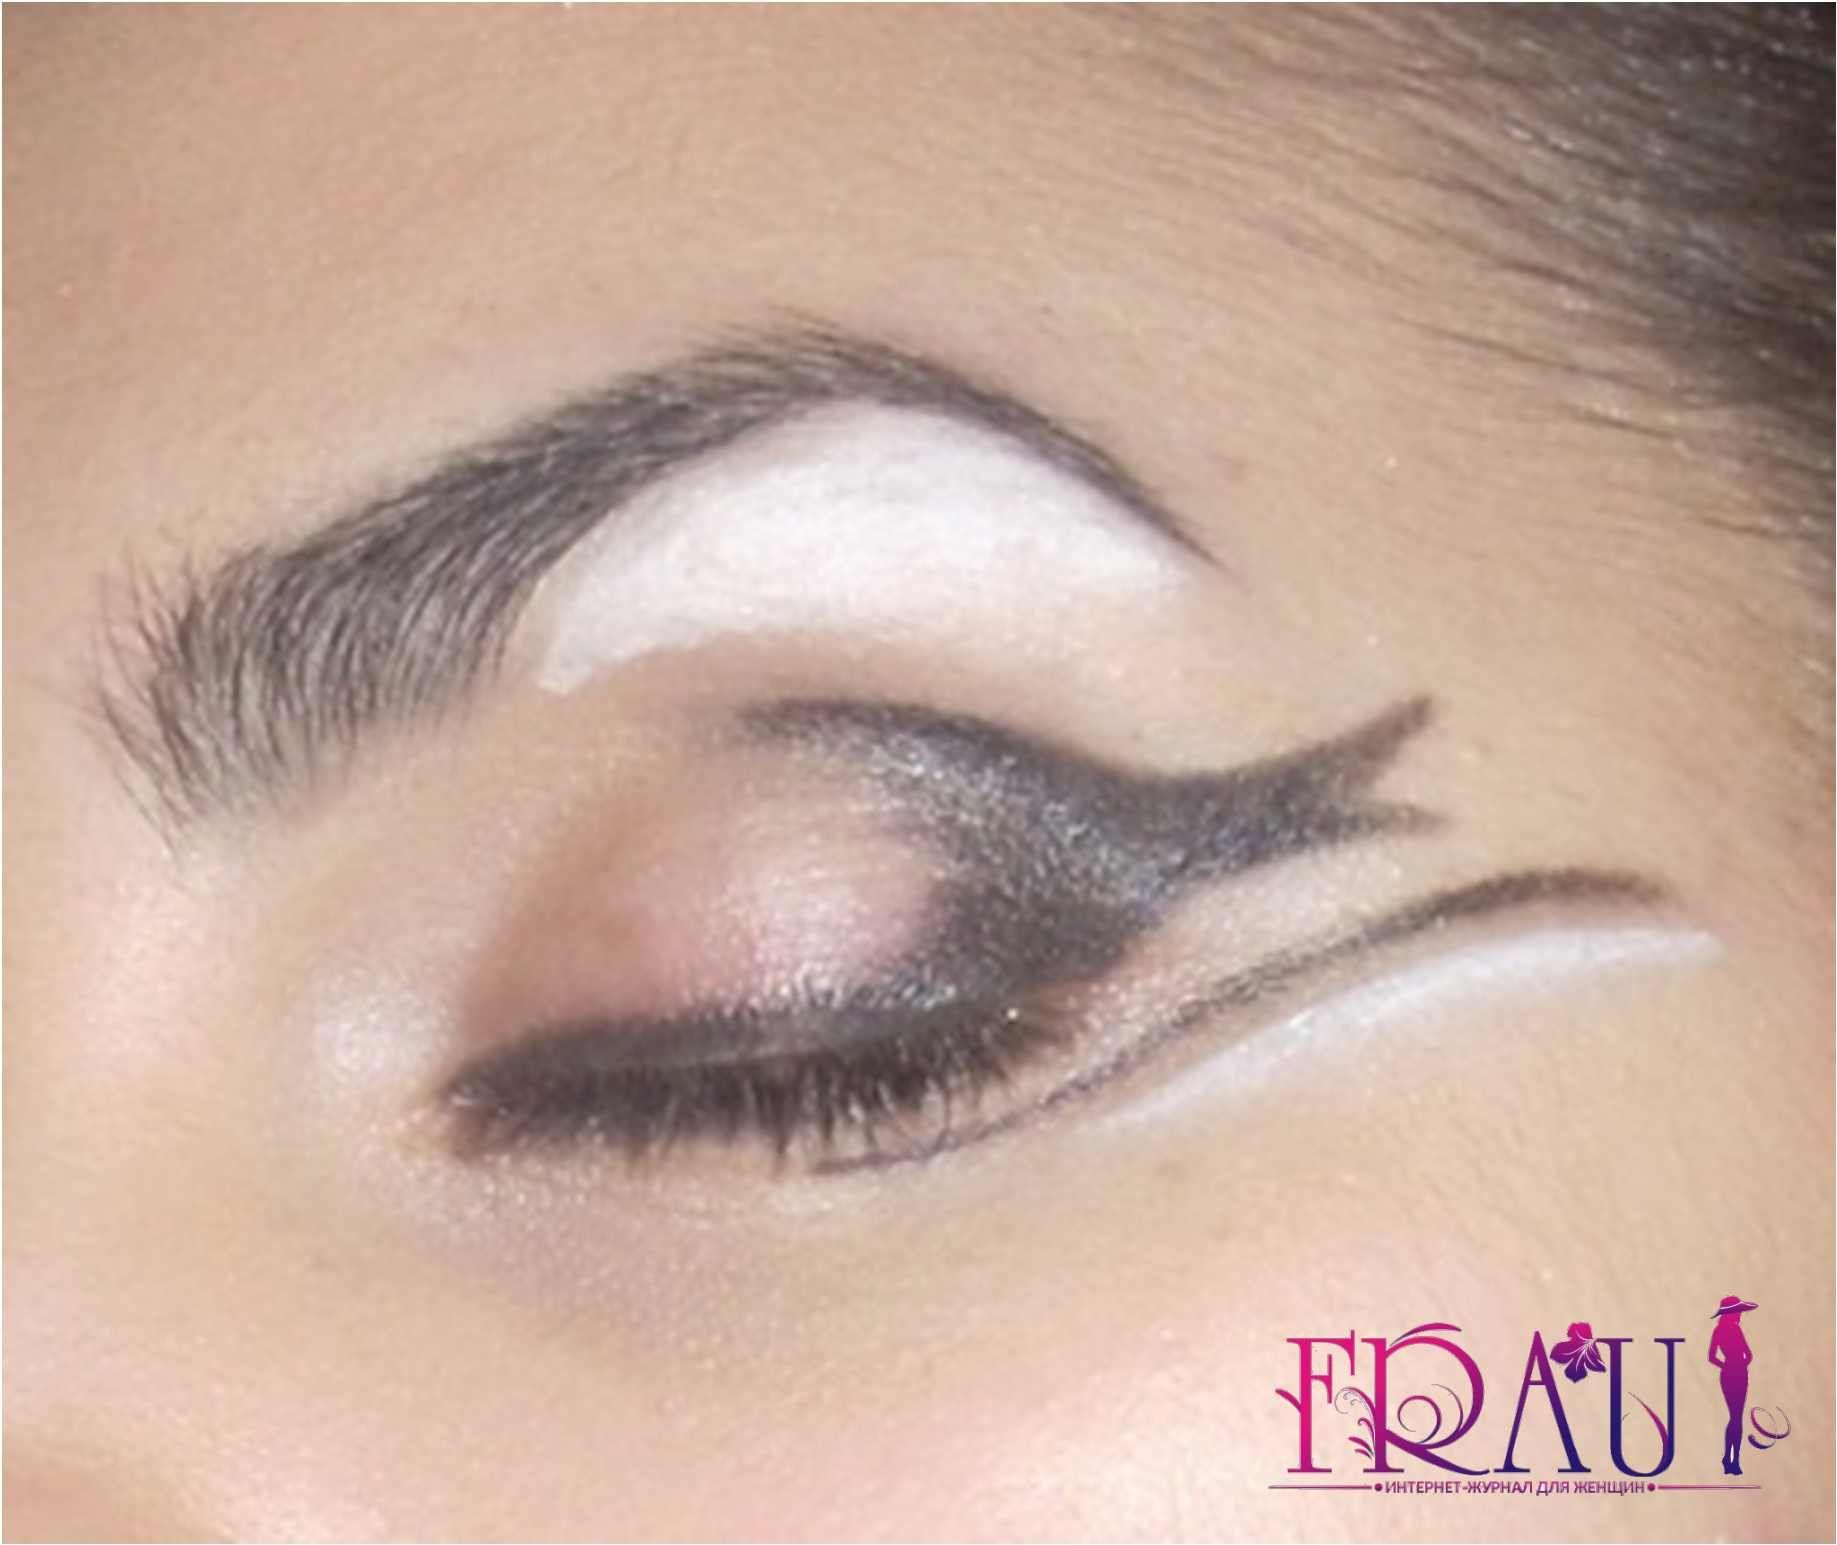 макияж для карих глаз мелкие штрихи